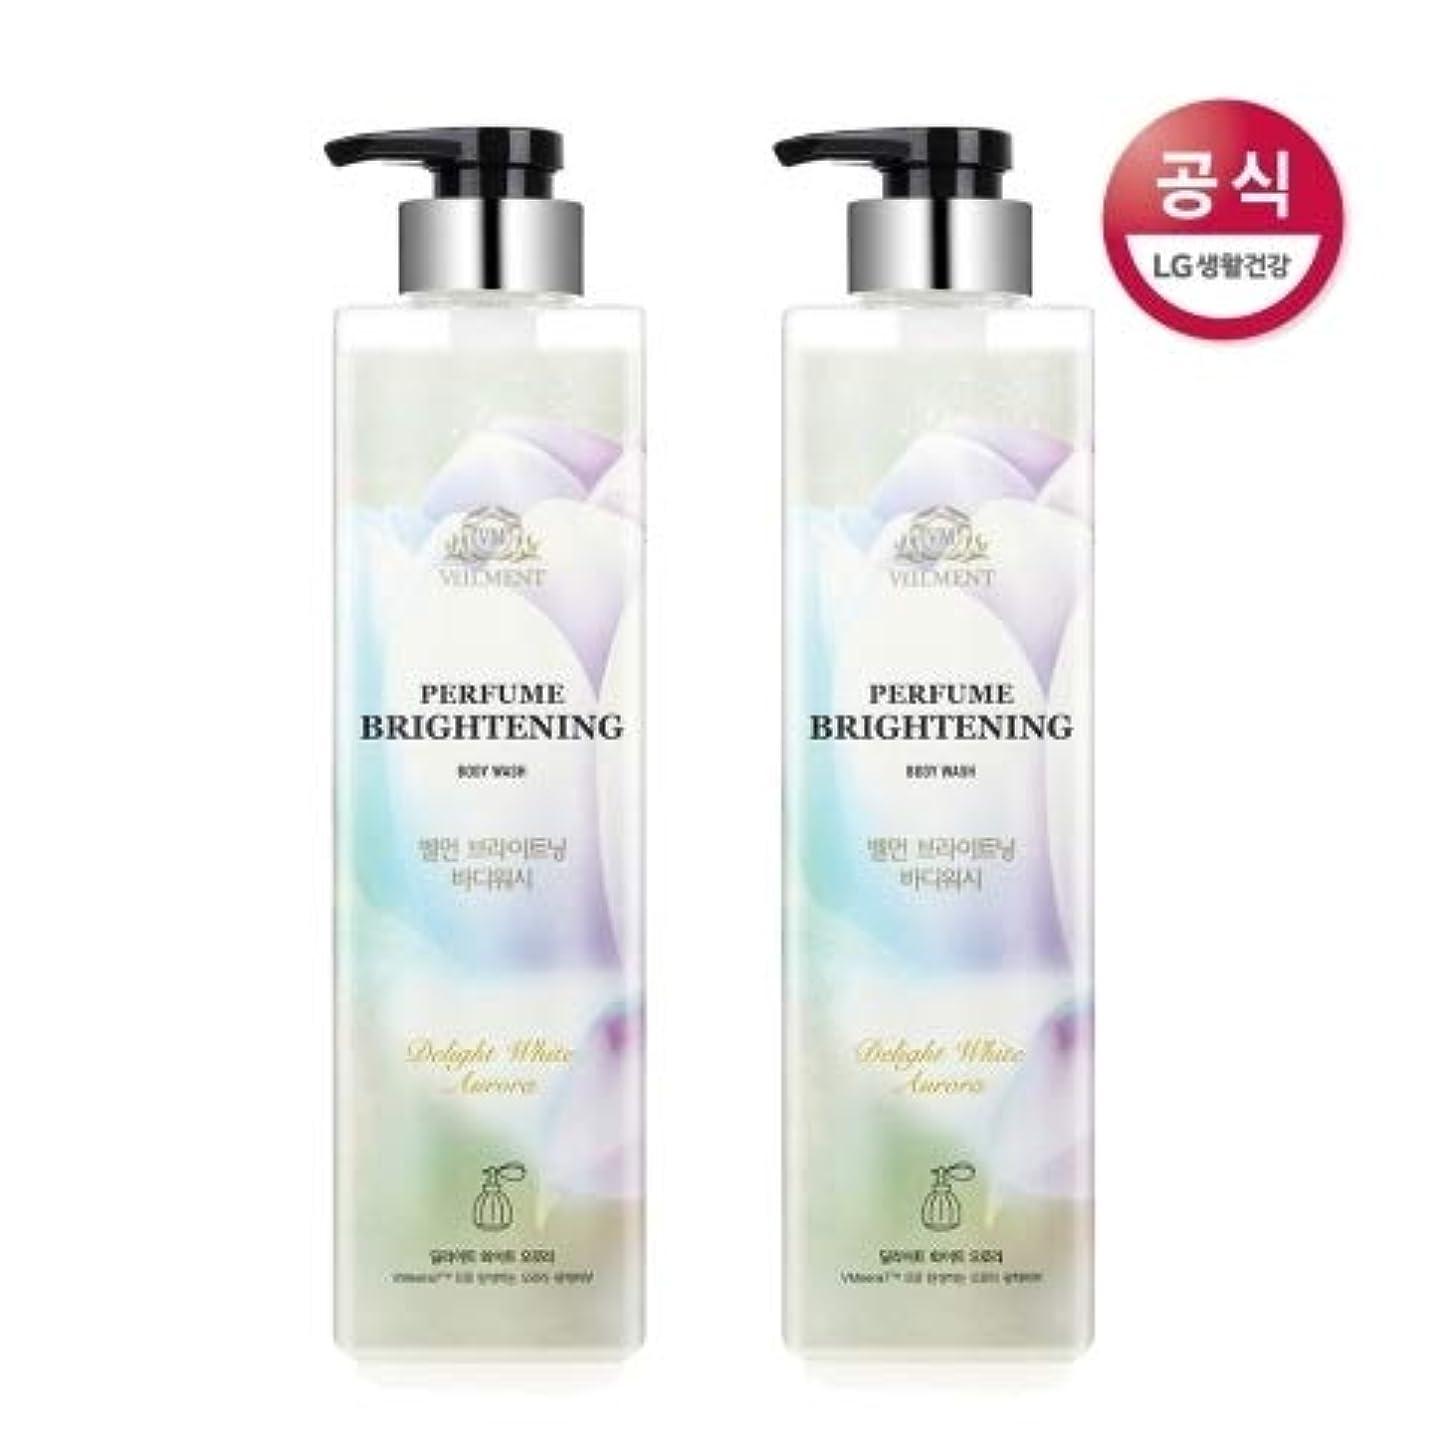 贅沢にじみ出る技術者[LG HnB] On the Body Belman Perfume Brightening Body Wash / オンザボディベルモンパフュームブライトニングボディウォッシュ680mlx2個(海外直送品)